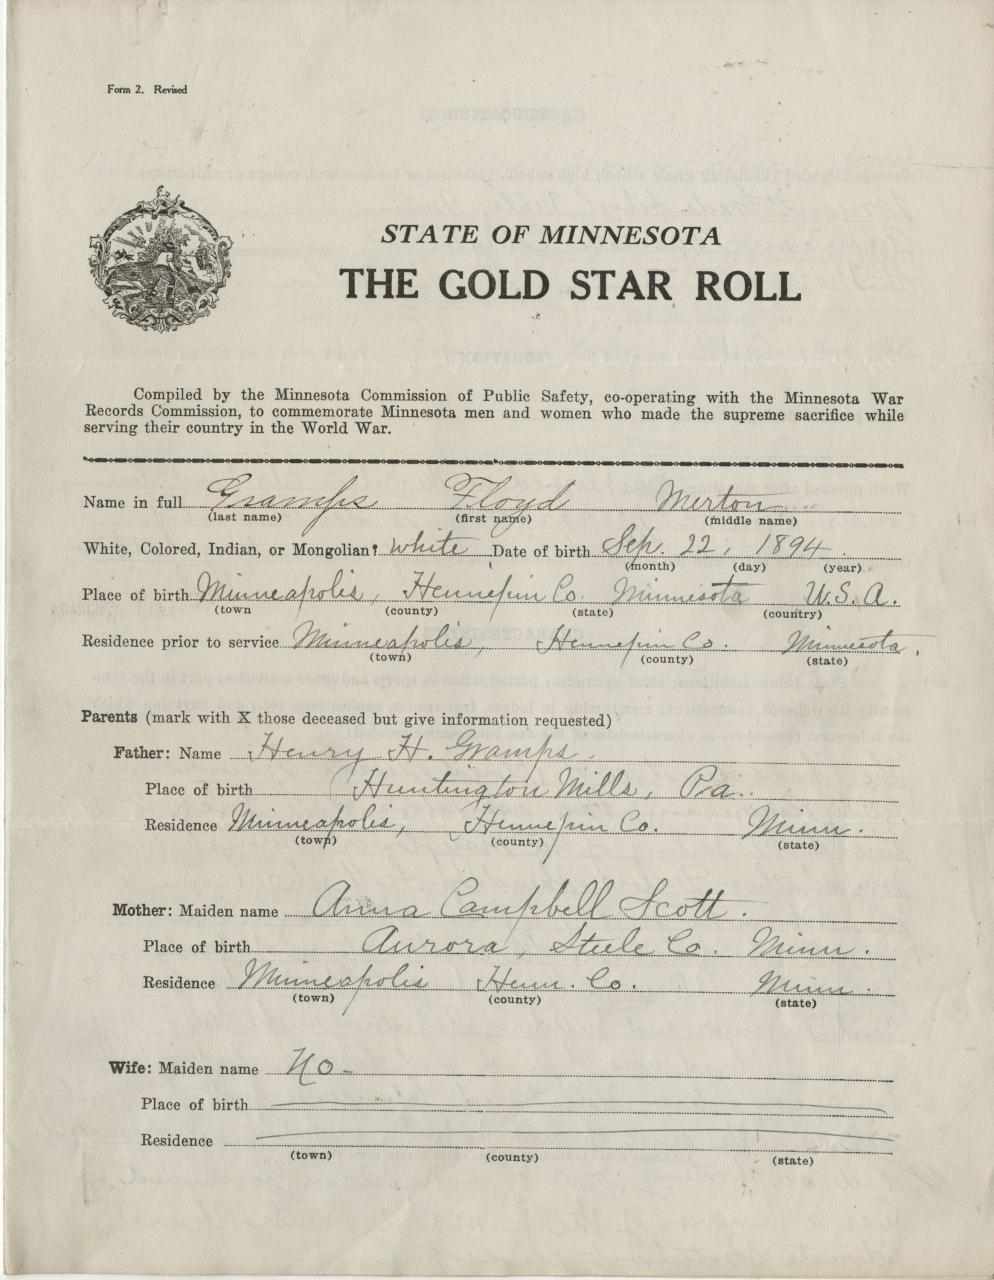 Goldstar Roll